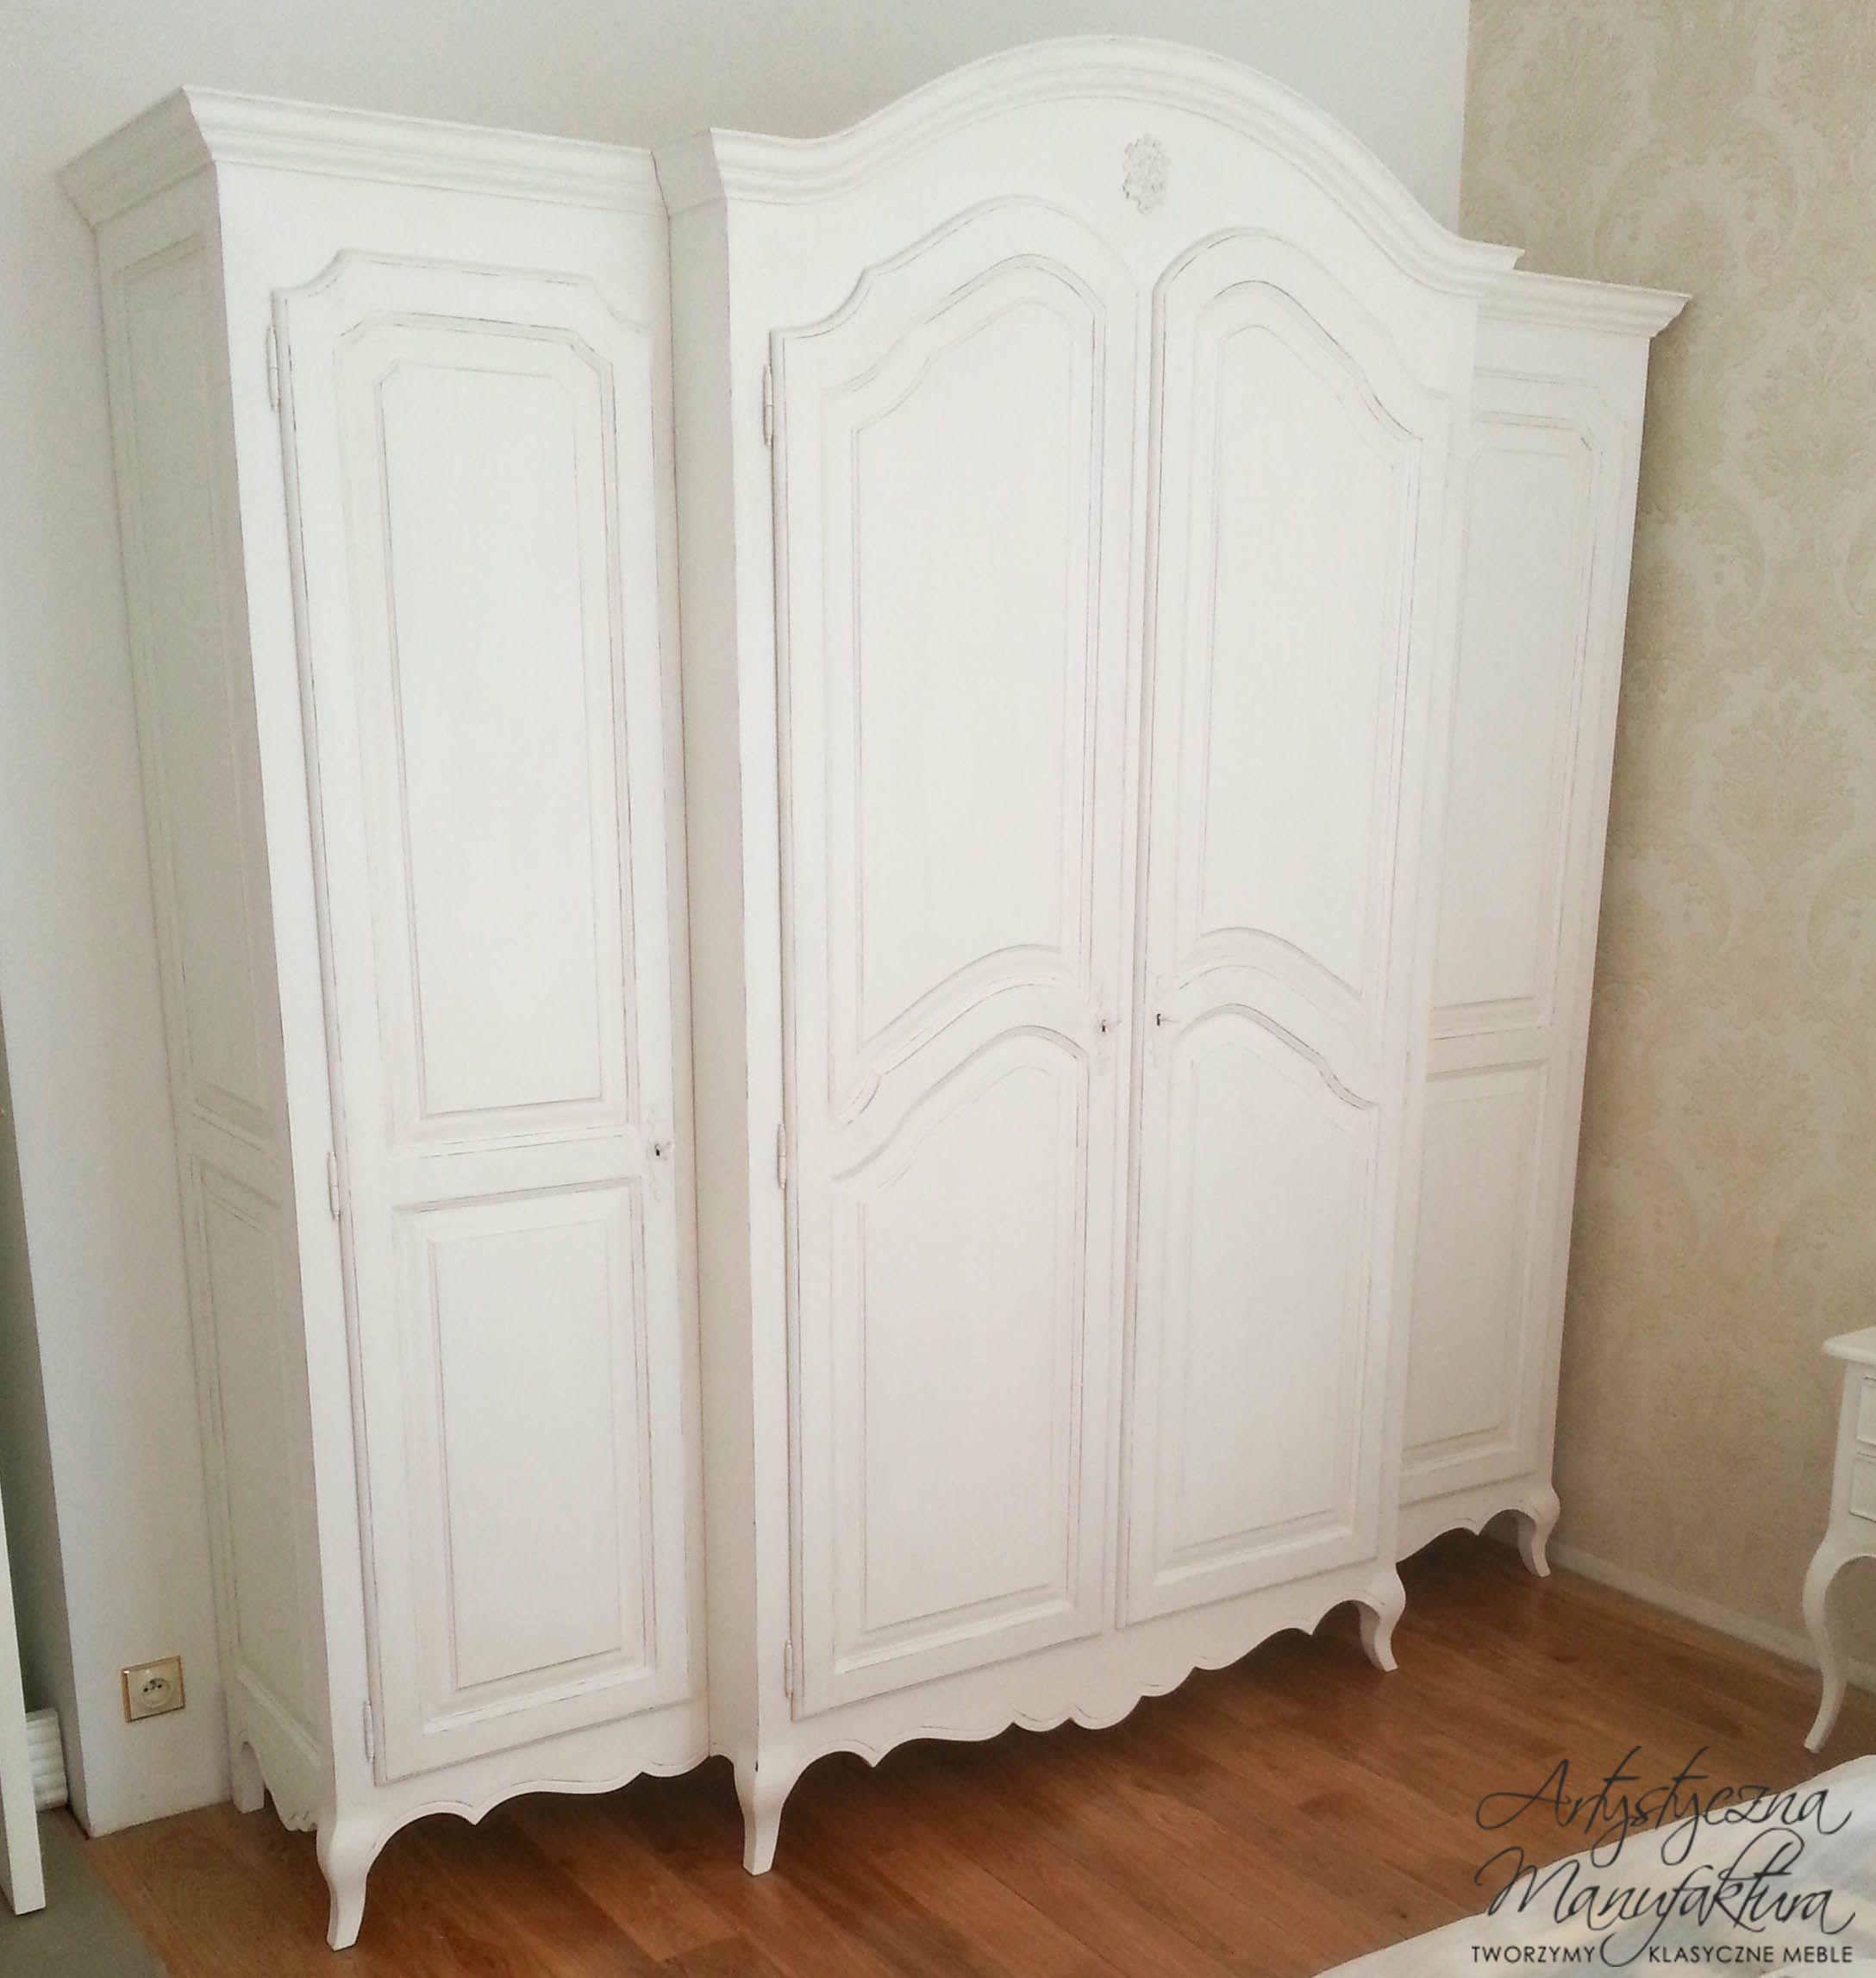 sypialnia w stylu krla soce szafa do francuskiego kompletu meble stylowe na - Meble Aboua Closer